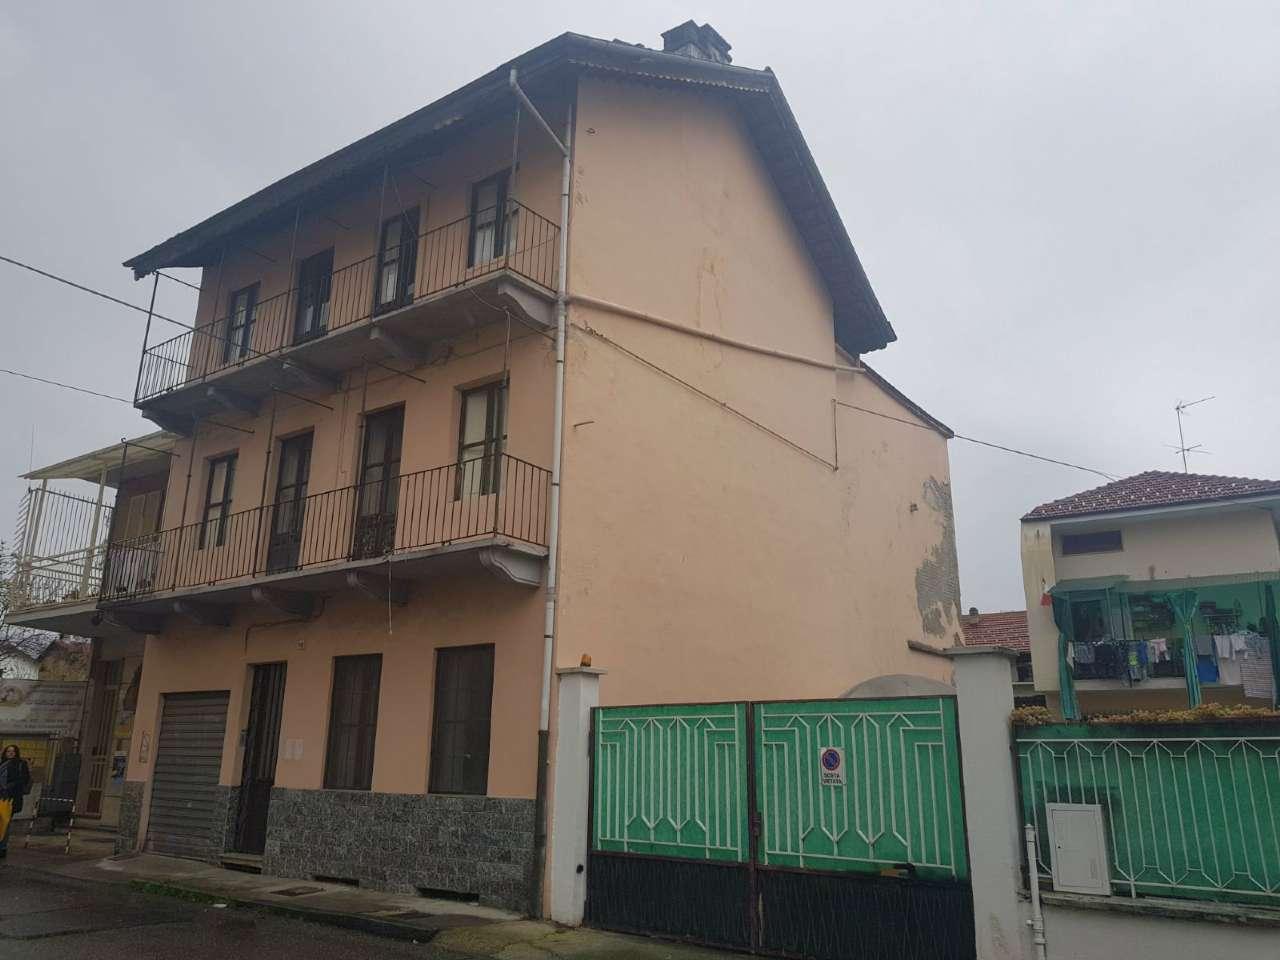 Rustico/Casale in vendita via TENENTE BORLA Mathi